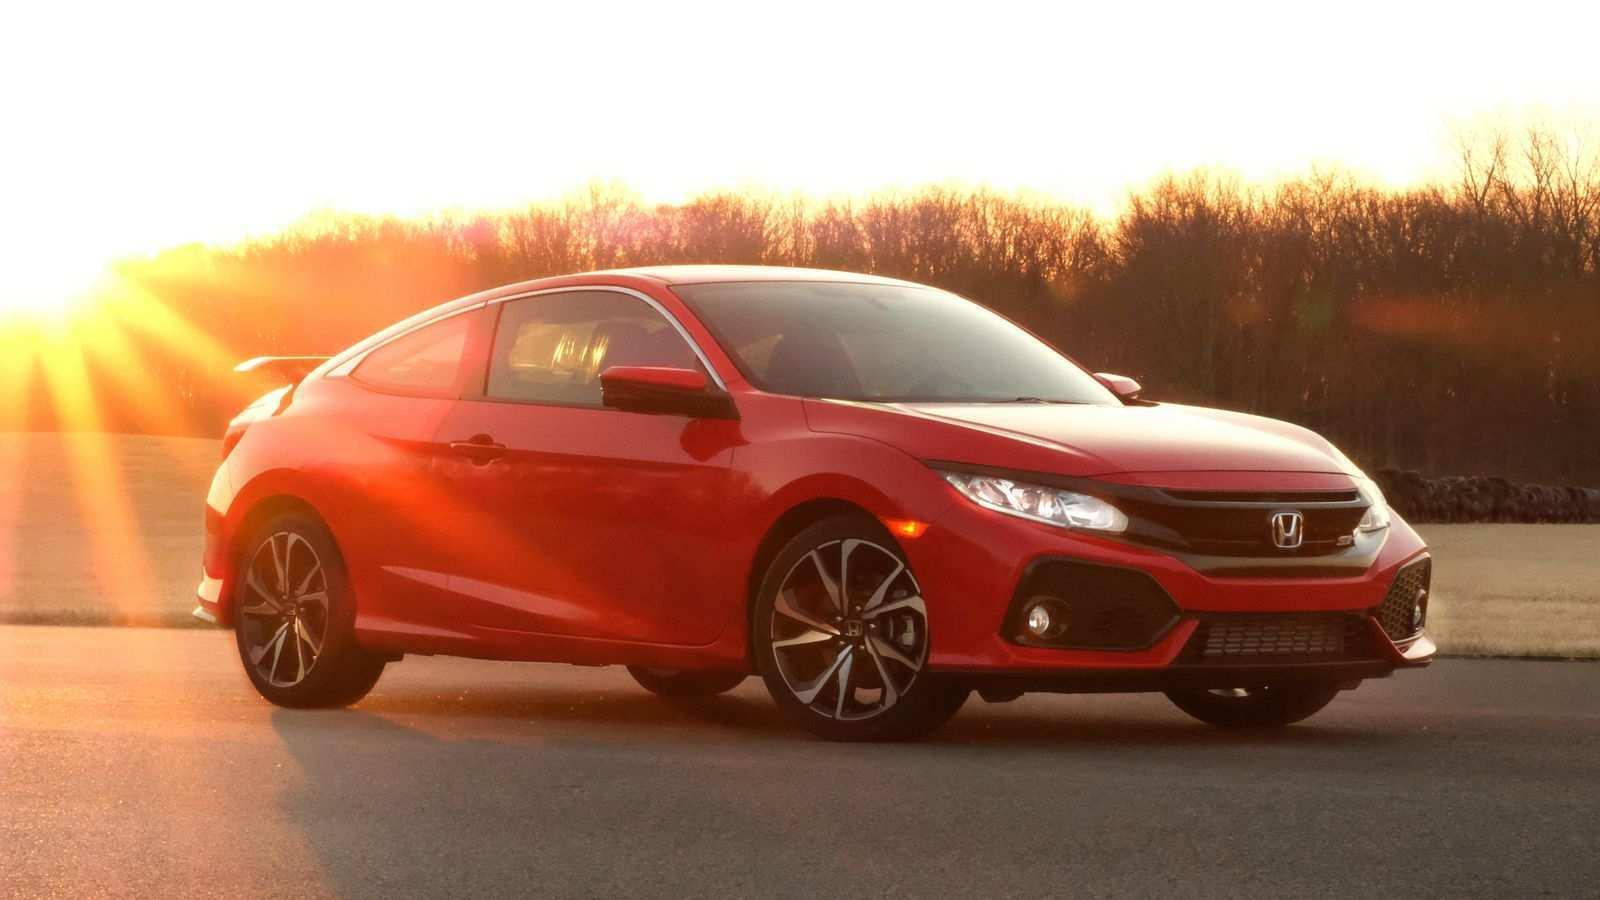 87 Concept of 2019 Honda Civic Volume Knob Redesign Price And Review Images for 2019 Honda Civic Volume Knob Redesign Price And Review